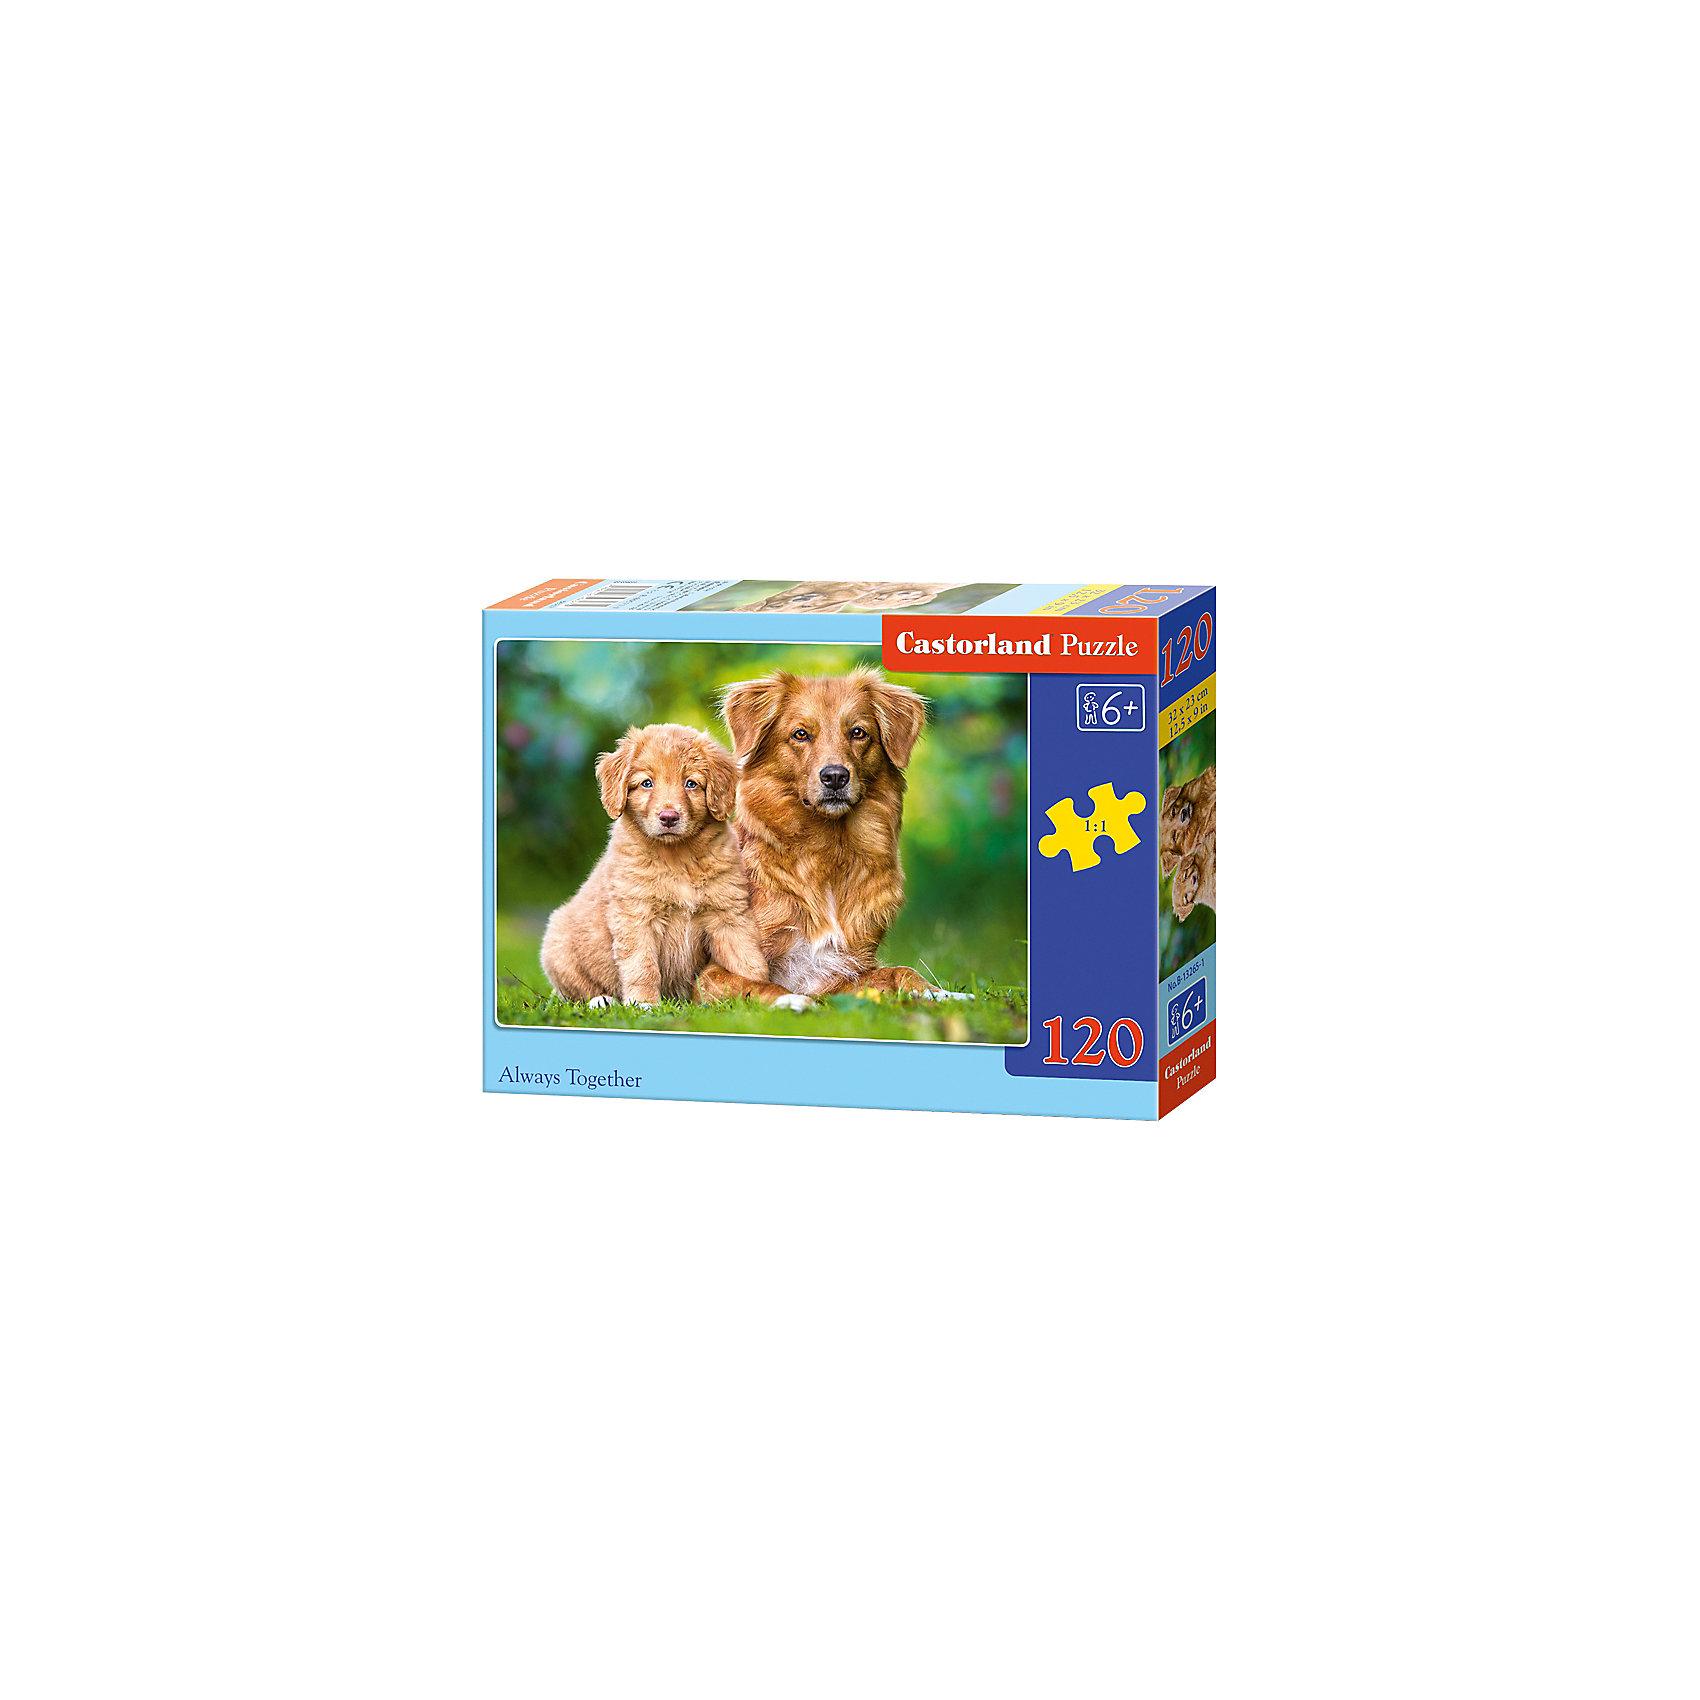 Пазл Castorland Всегда вместе, 120 деталейПазлы для детей постарше<br>Характеристики:<br><br>• возраст: от 6 лет<br>• количество деталей: 120 шт.<br>• размер собранного пазла: 32х23 см.<br>• материал: картон<br>• упаковка: картонная коробка<br>• размер упаковки: 17,5x3,7x13 см.<br>• вес: 300 гр.<br>• страна обладатель бренда: Польша<br><br>Пазл «Всегда вместе» от Castorland (Касторленд) отличается высоким качеством, высоким уровнем полиграфии, насыщенными цветами и идеальной стыковкой элементов. Из 120 элементов пазла ребенок соберет красочную картинку с изображением собаки и забавного щенка.<br><br>Пазл Всегда вместе, 120 деталей, Castorland (Касторленд) можно купить в нашем интернет-магазине.<br><br>Ширина мм: 175<br>Глубина мм: 130<br>Высота мм: 37<br>Вес г: 300<br>Возраст от месяцев: 72<br>Возраст до месяцев: 2147483647<br>Пол: Унисекс<br>Возраст: Детский<br>SKU: 6725098